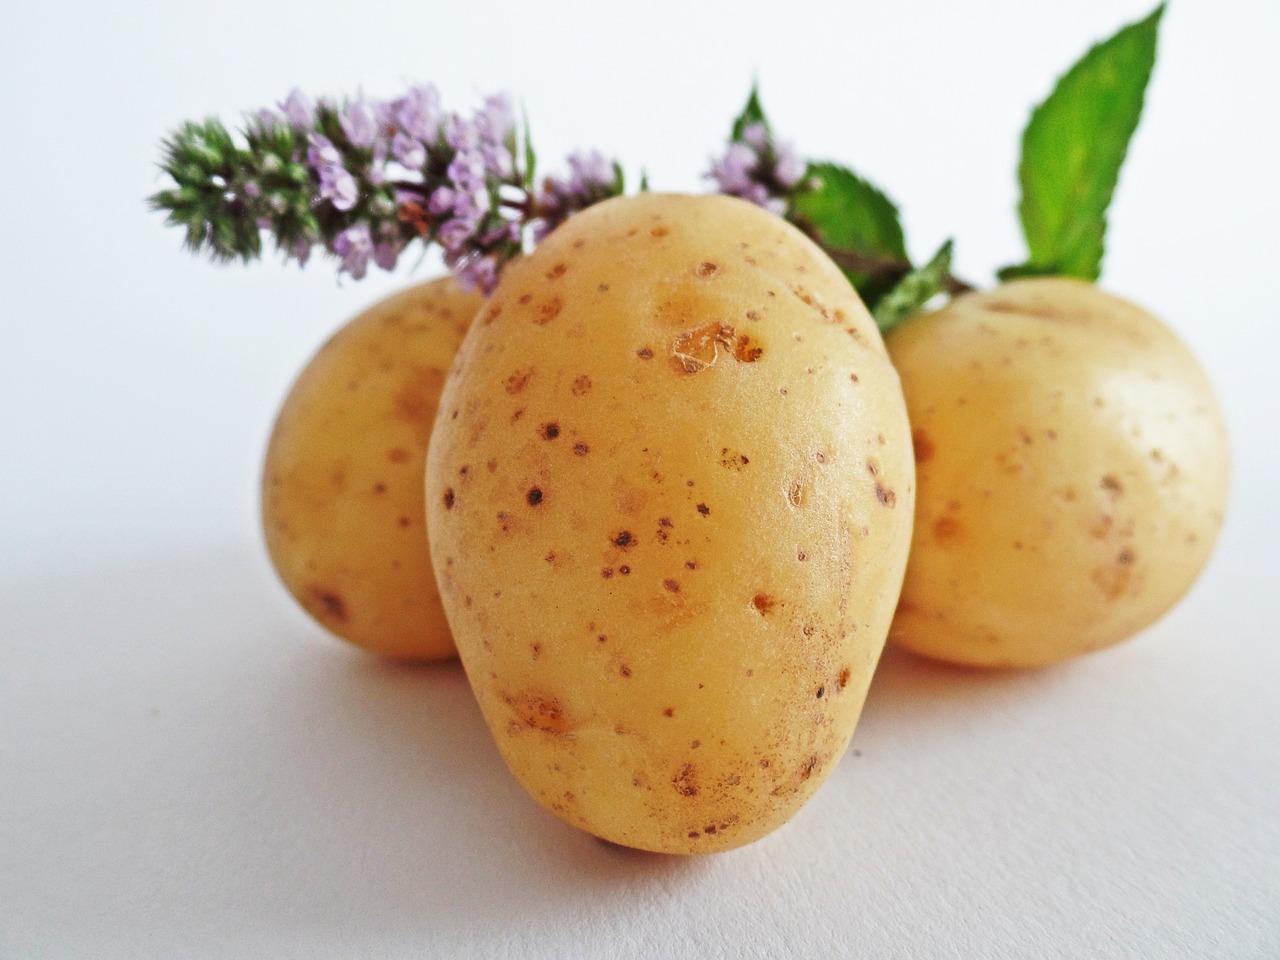 Ziemniaki – odmiany wczesne, średnio wczesne, średnio późne i późne